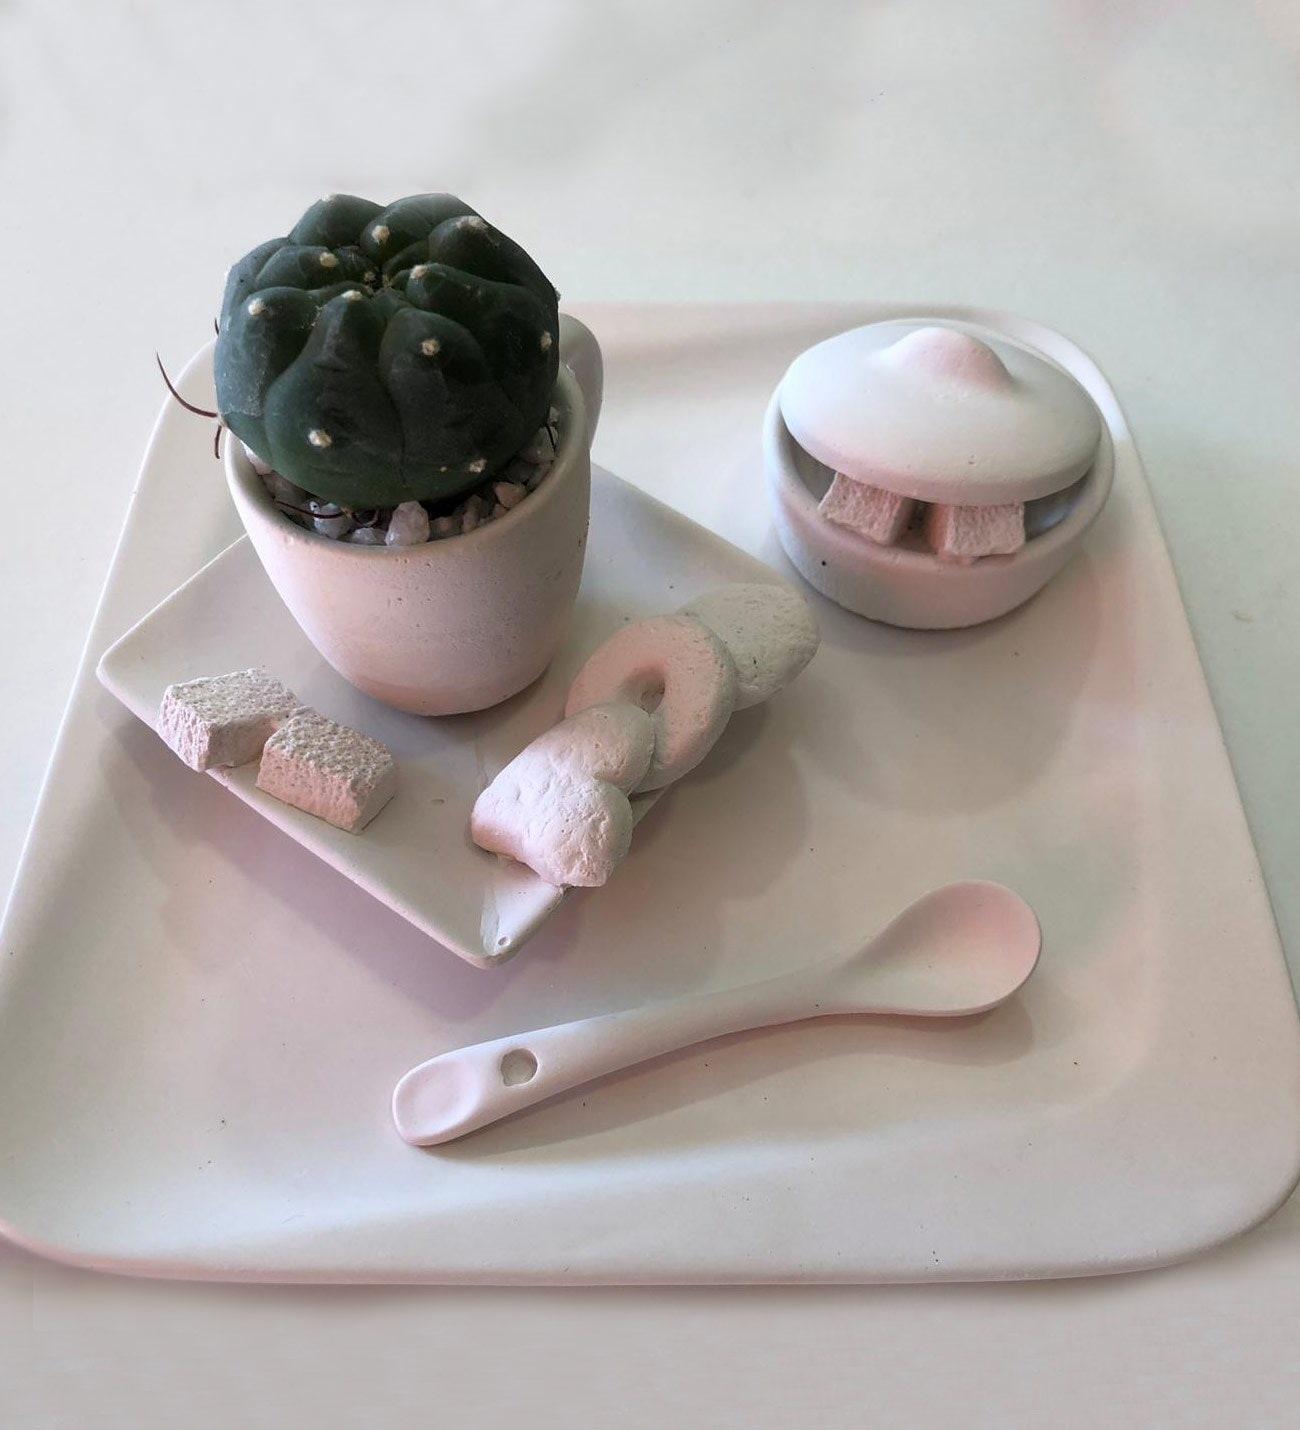 Extra sugar - Cactus arrangement and plaster service